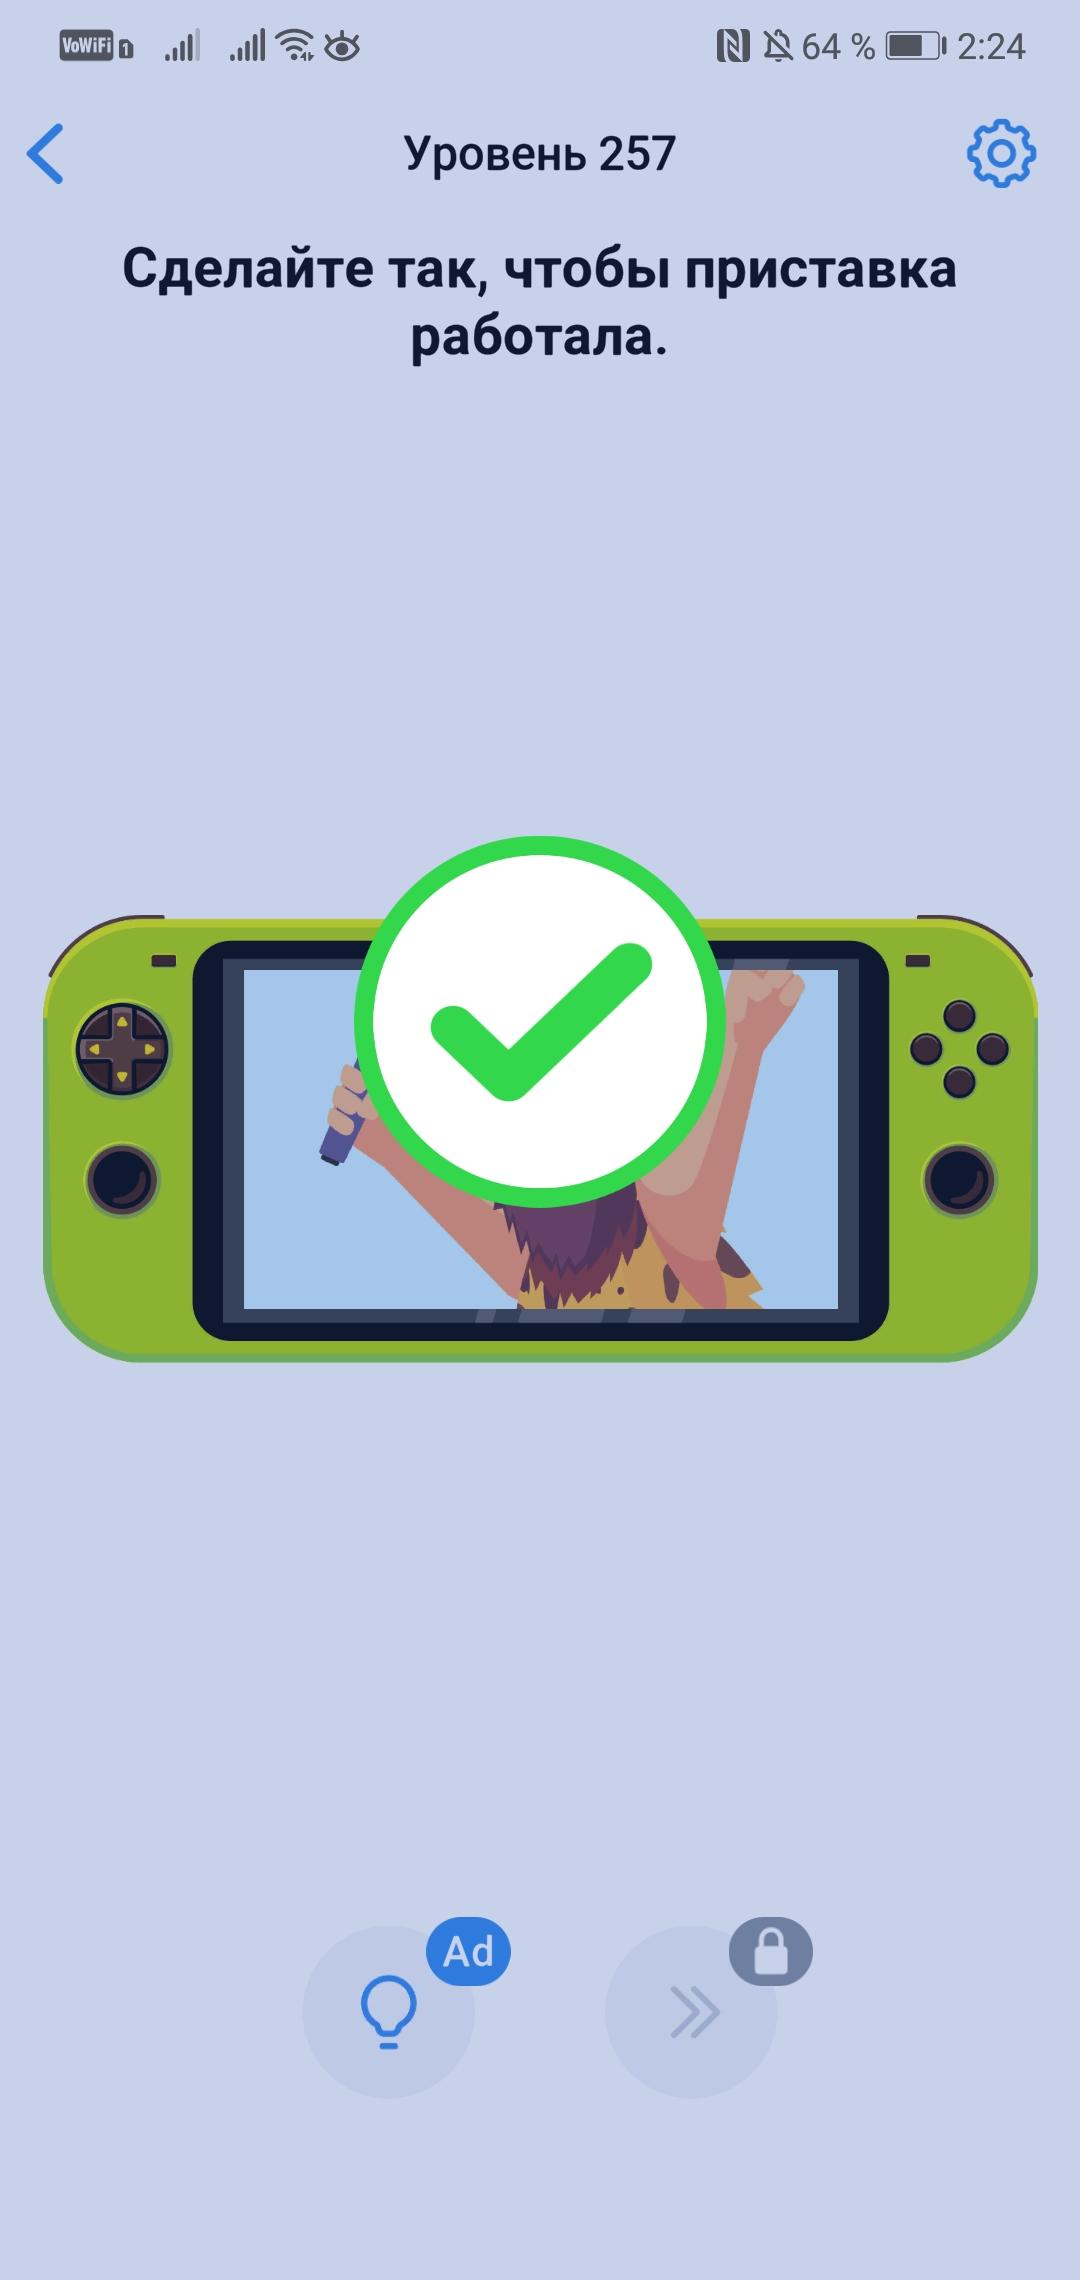 Easy Game - 257 уровень - Сделайте так, чтобы приставка работала.